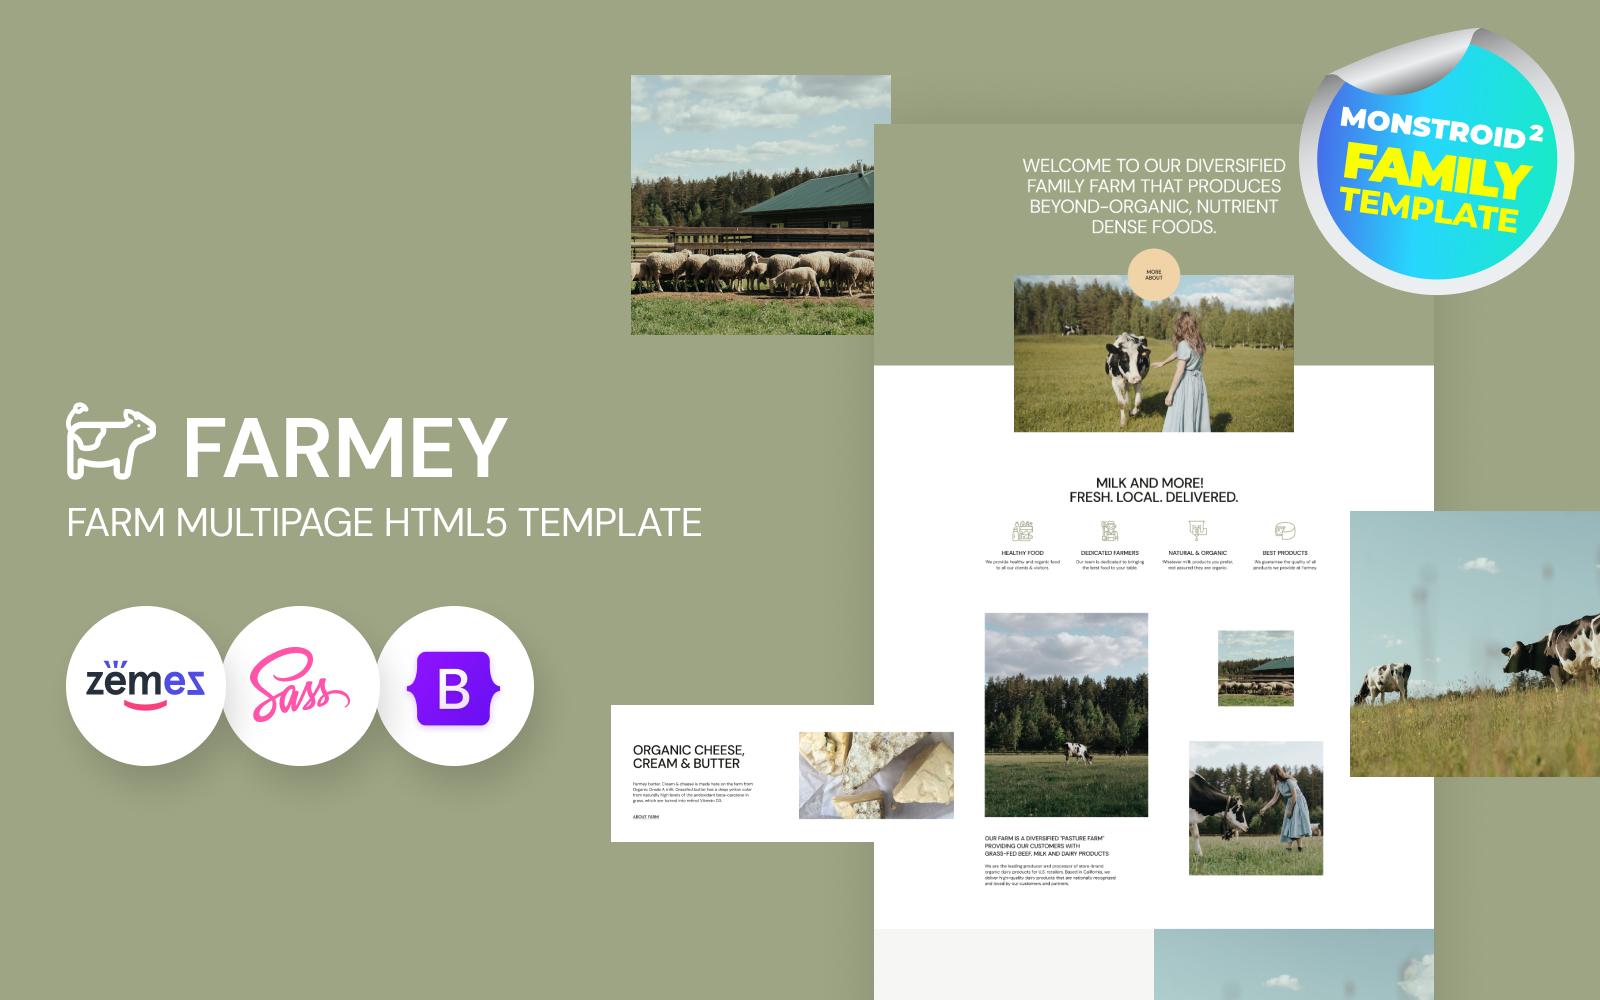 Farmey - Dairy Farm HTML5 Website Template